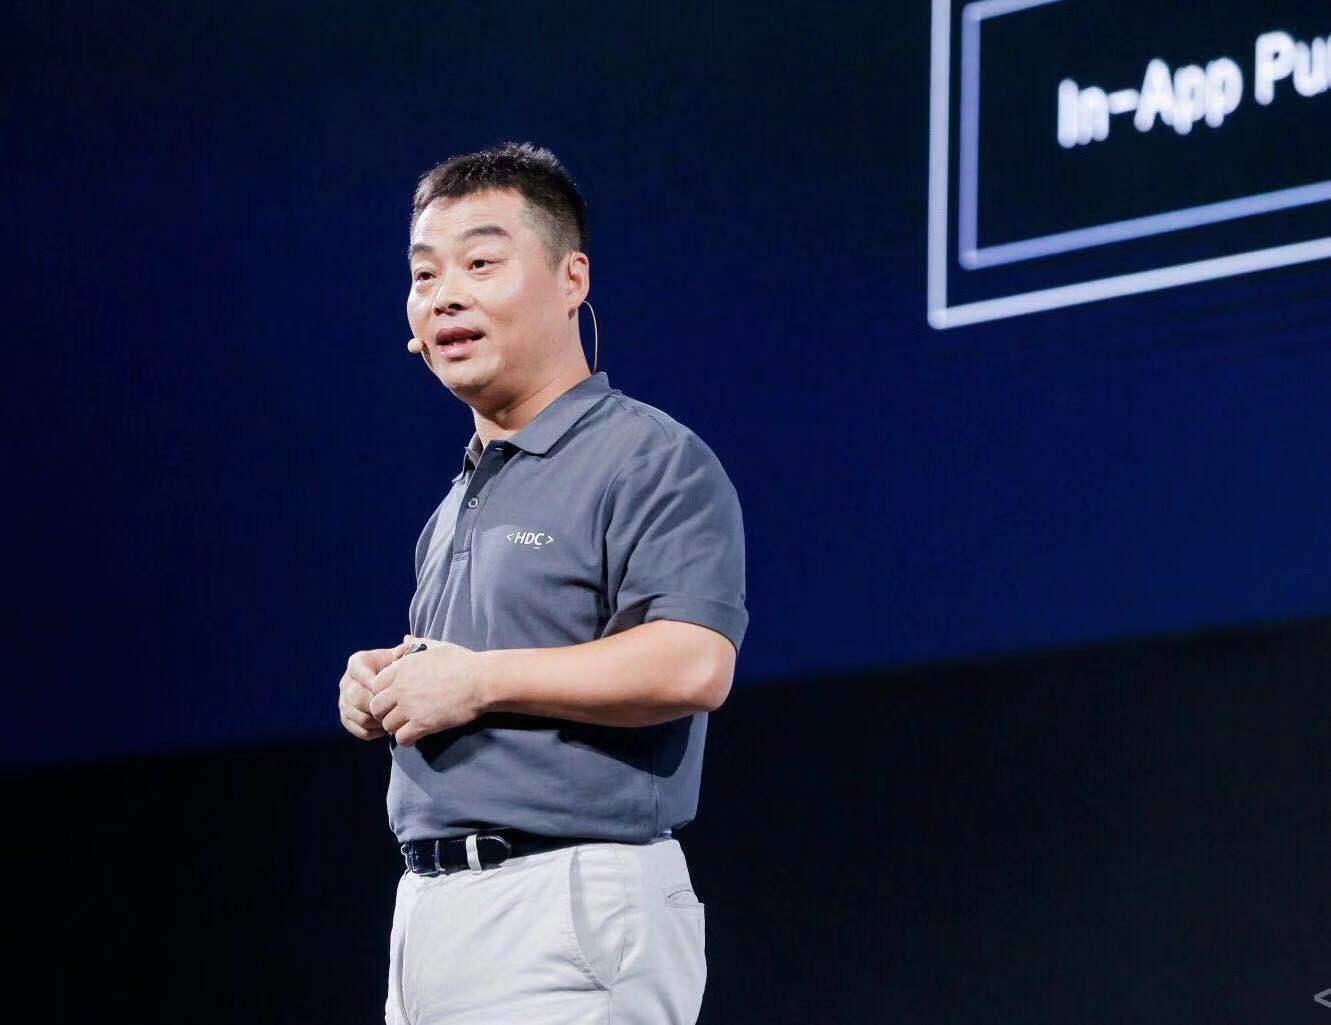 <b>华为消费者业务云服务总裁张平安:10亿美元激励鸿蒙生态开发者</b>